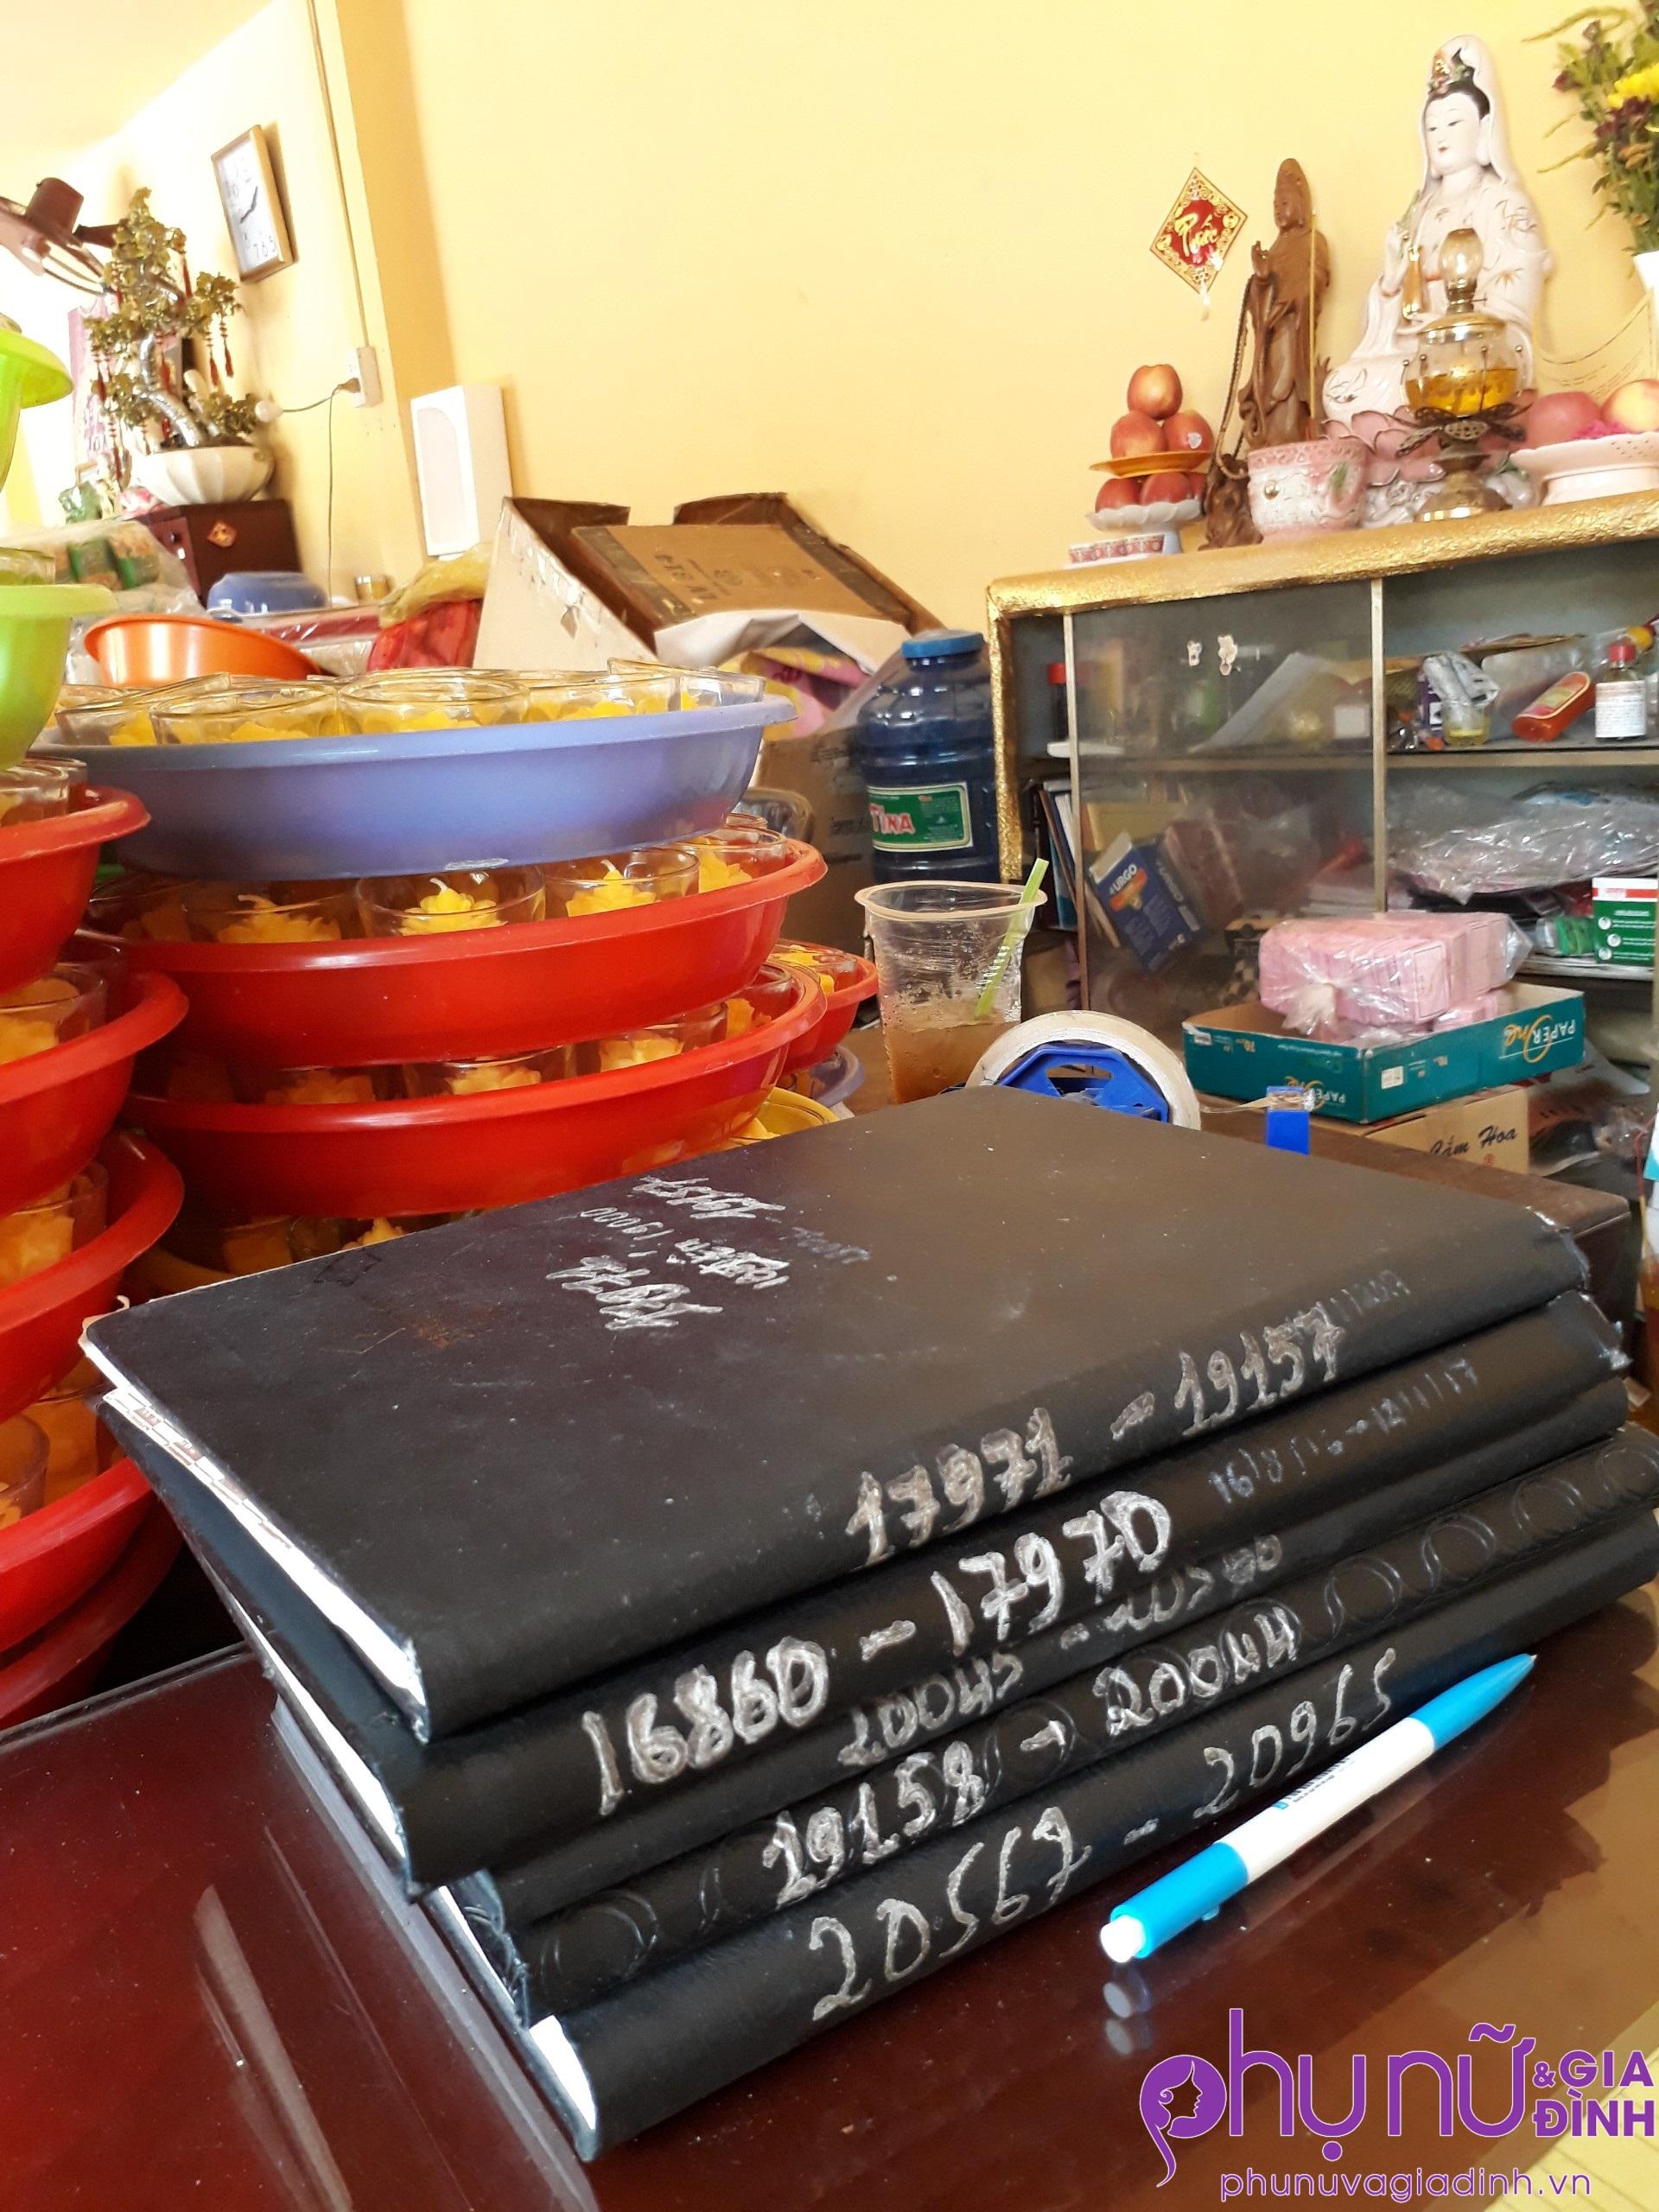 Có một ngôi chùa ở ngoại thành Sài Gòn nơi yên nghỉ của các hương linh thai nhi tứ xứ - Ảnh 6